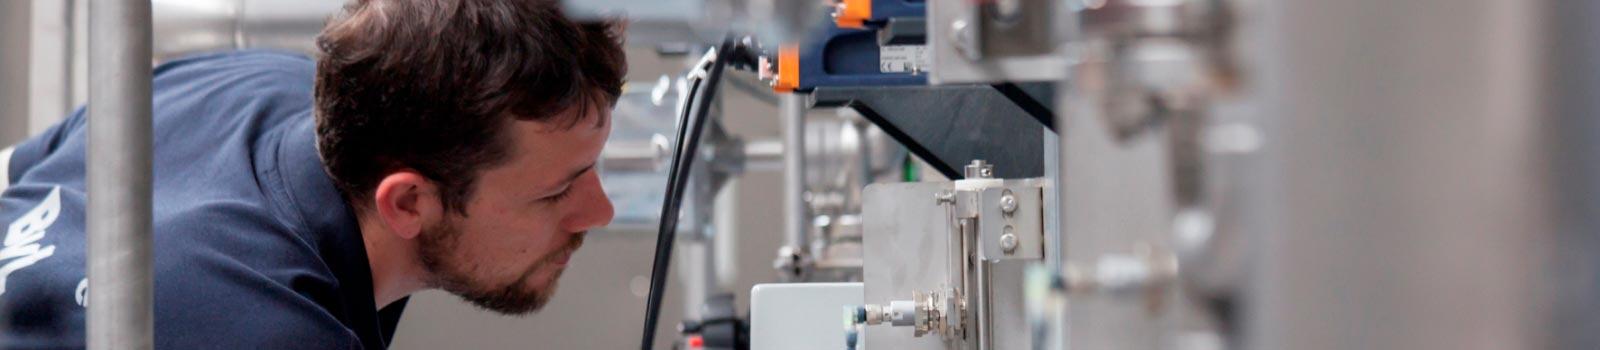 BvL Oberflächentechnik-Mitarbeiter bei der Begutachtung und Kontrolle einer Reinigungsanlage